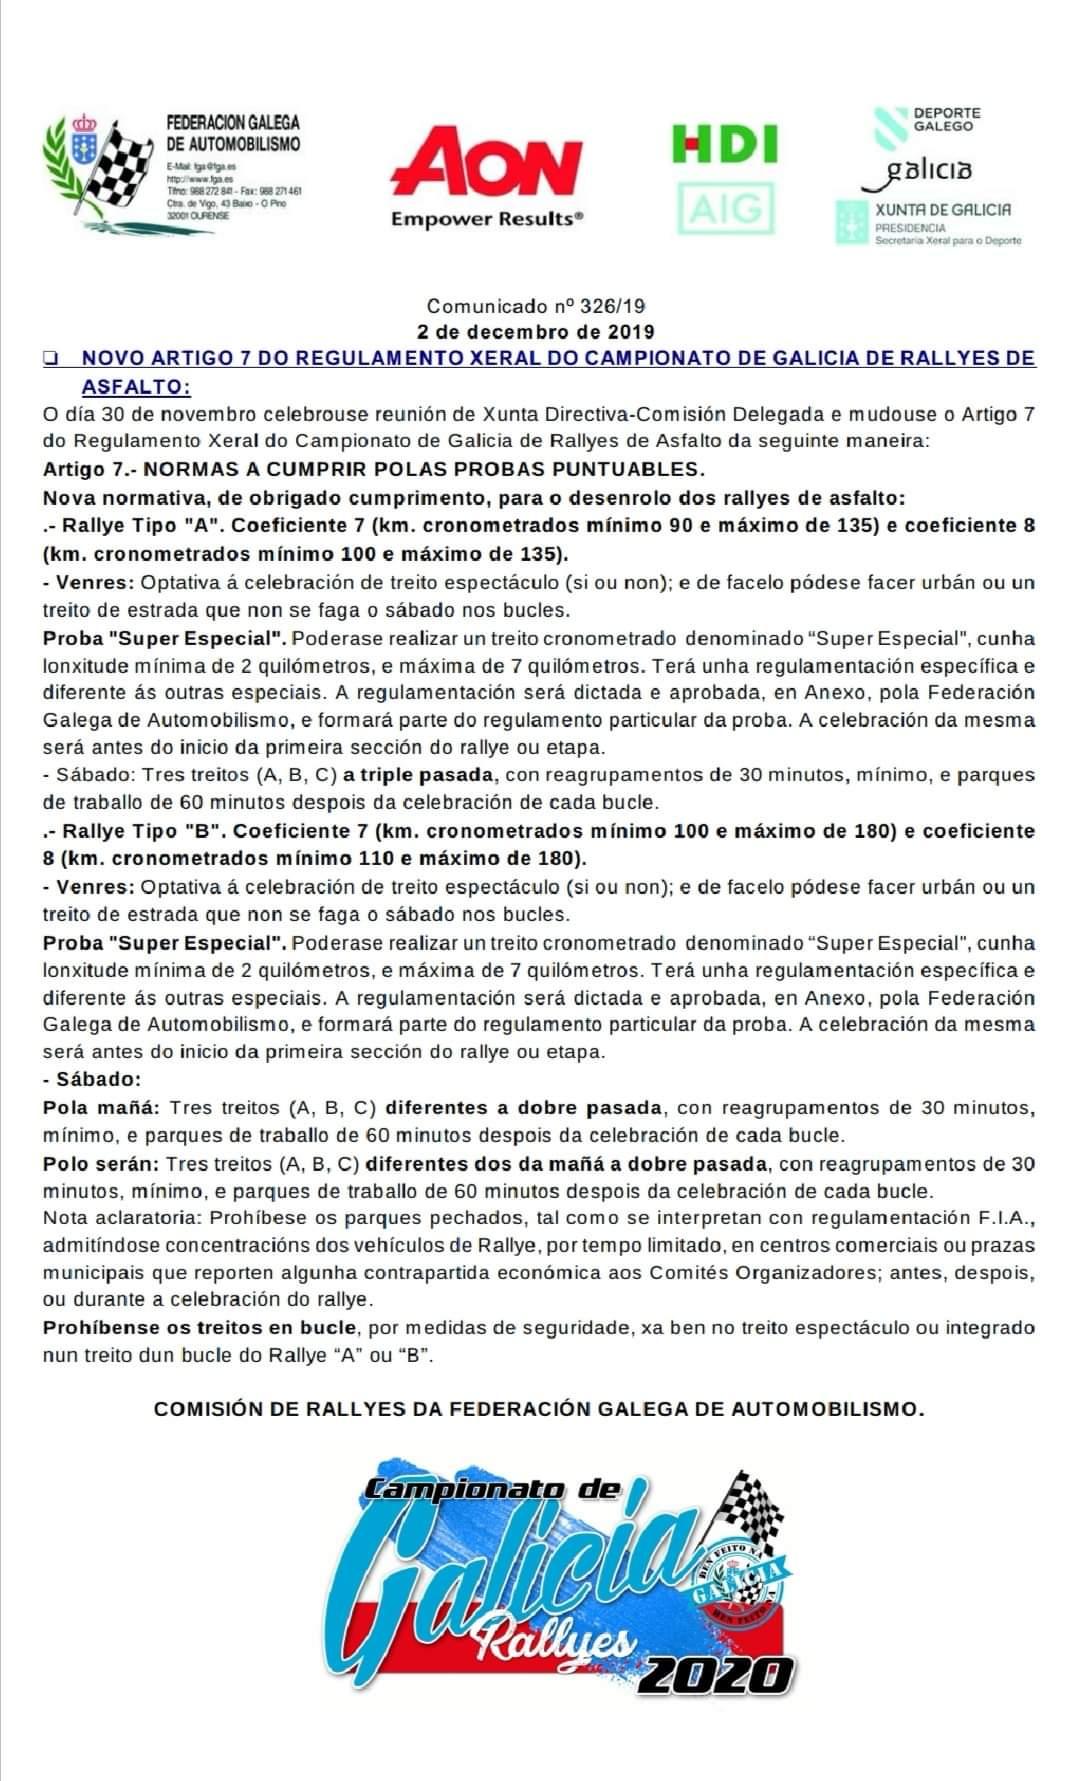 Campeonatos Regionales 2019: Información y novedades - Página 27 EKzgplcXUAEKB0i?format=jpg&name=large